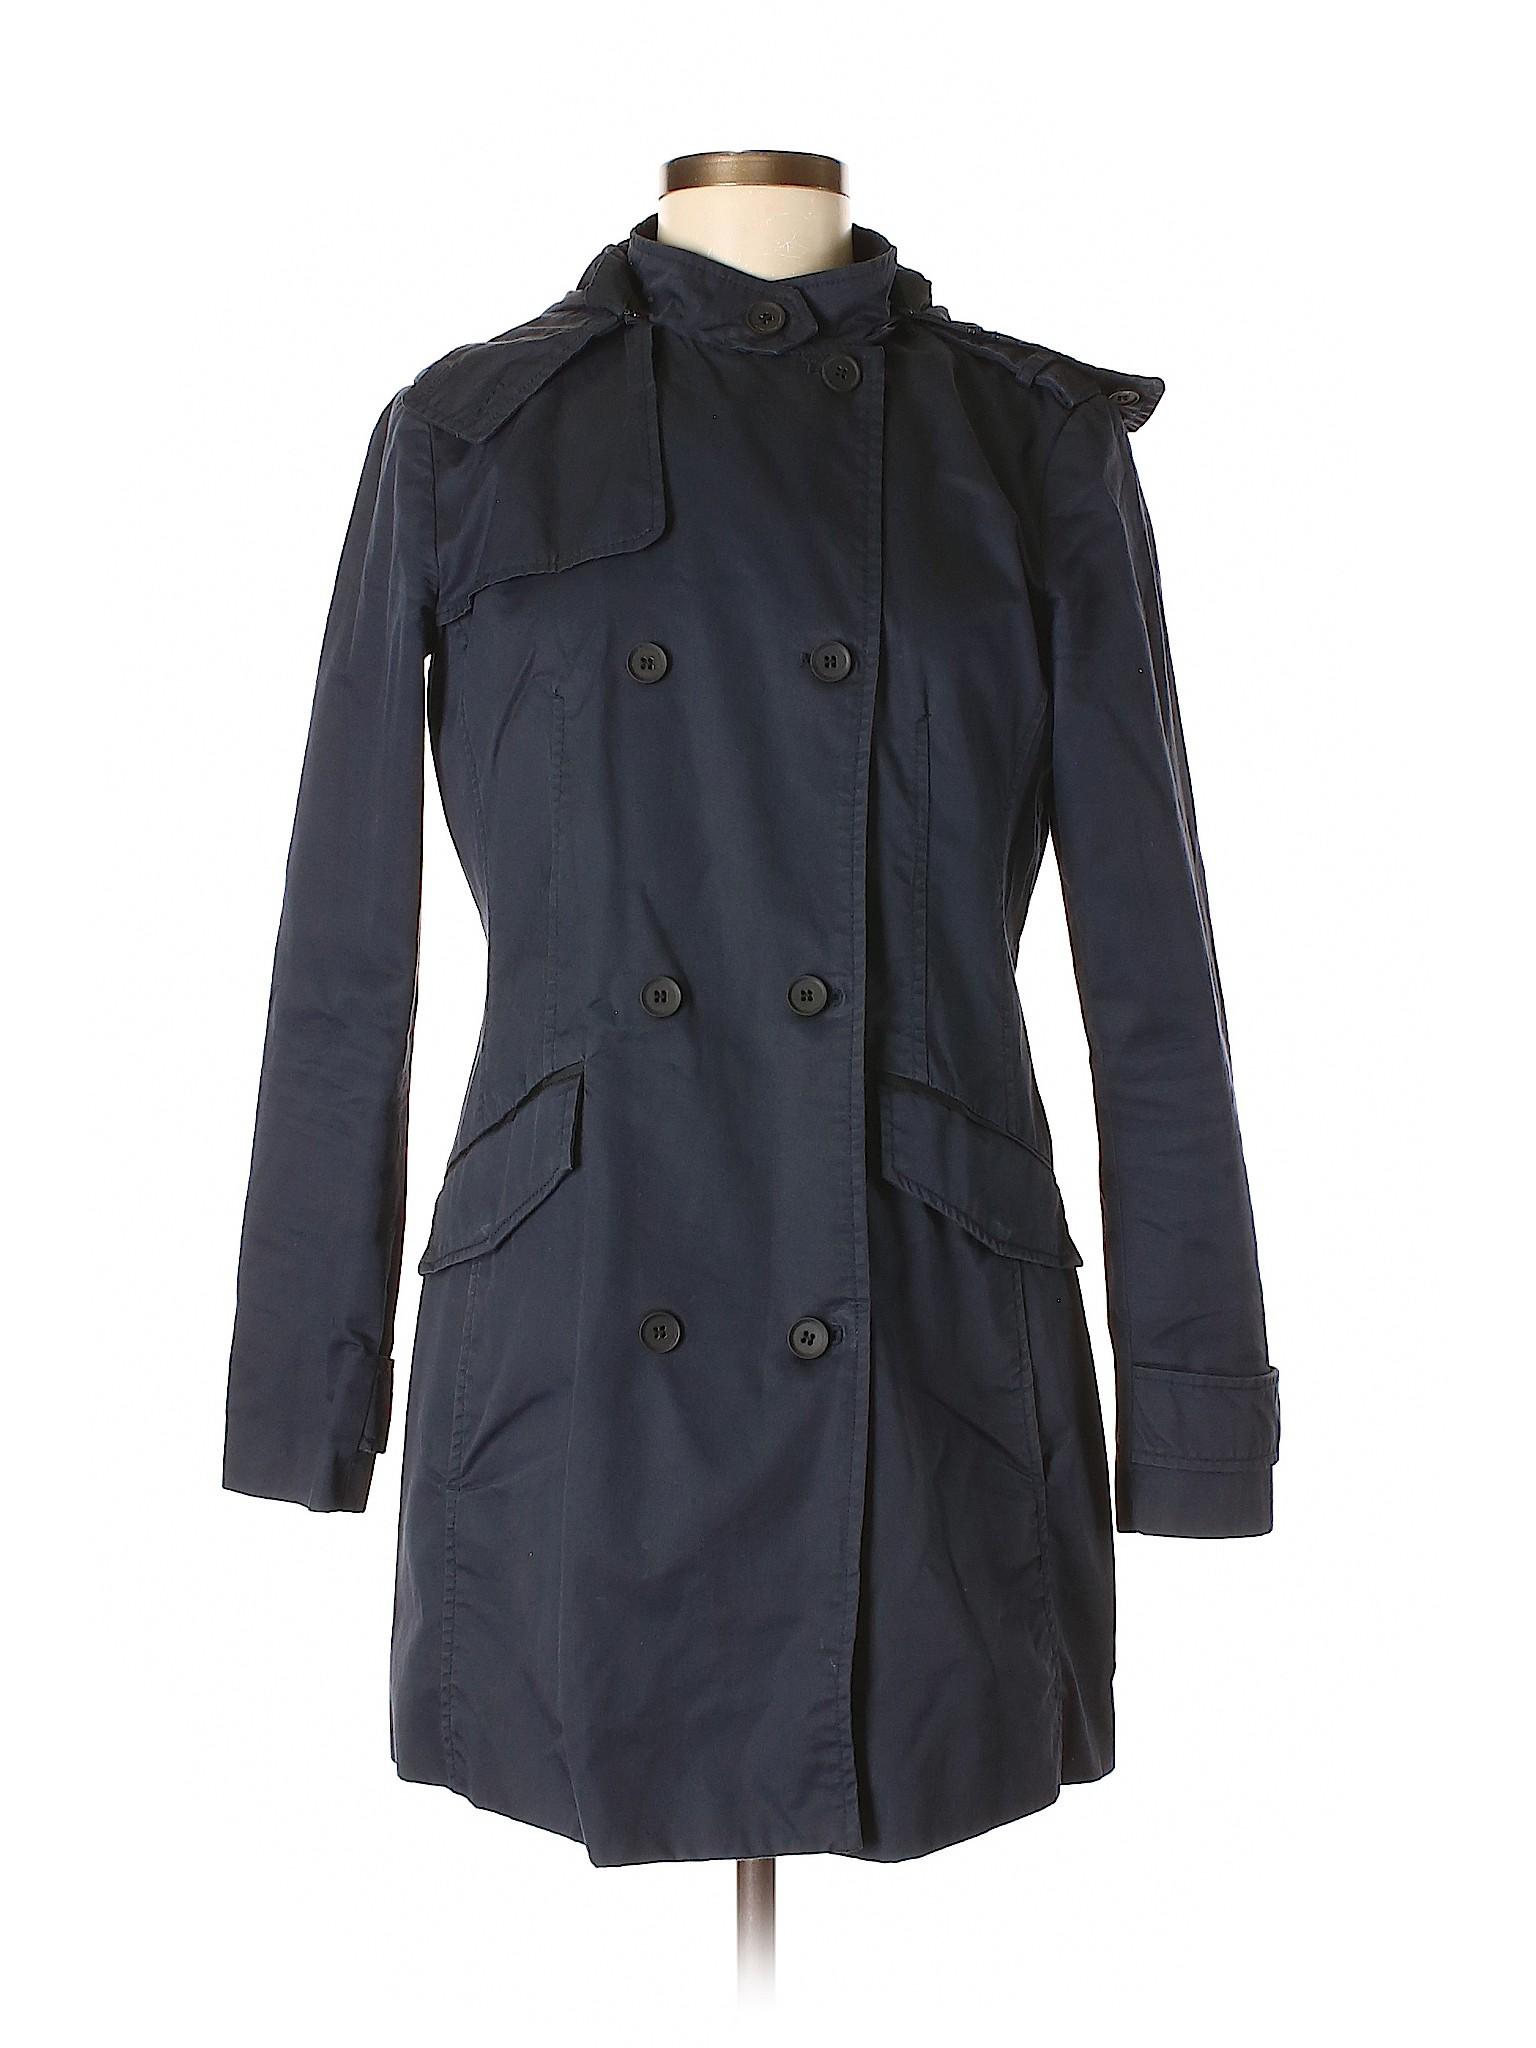 leisure Basic Boutique Coat Boutique Basic Boutique leisure Zara leisure Coat Zara Basic Zara R5xqEa65